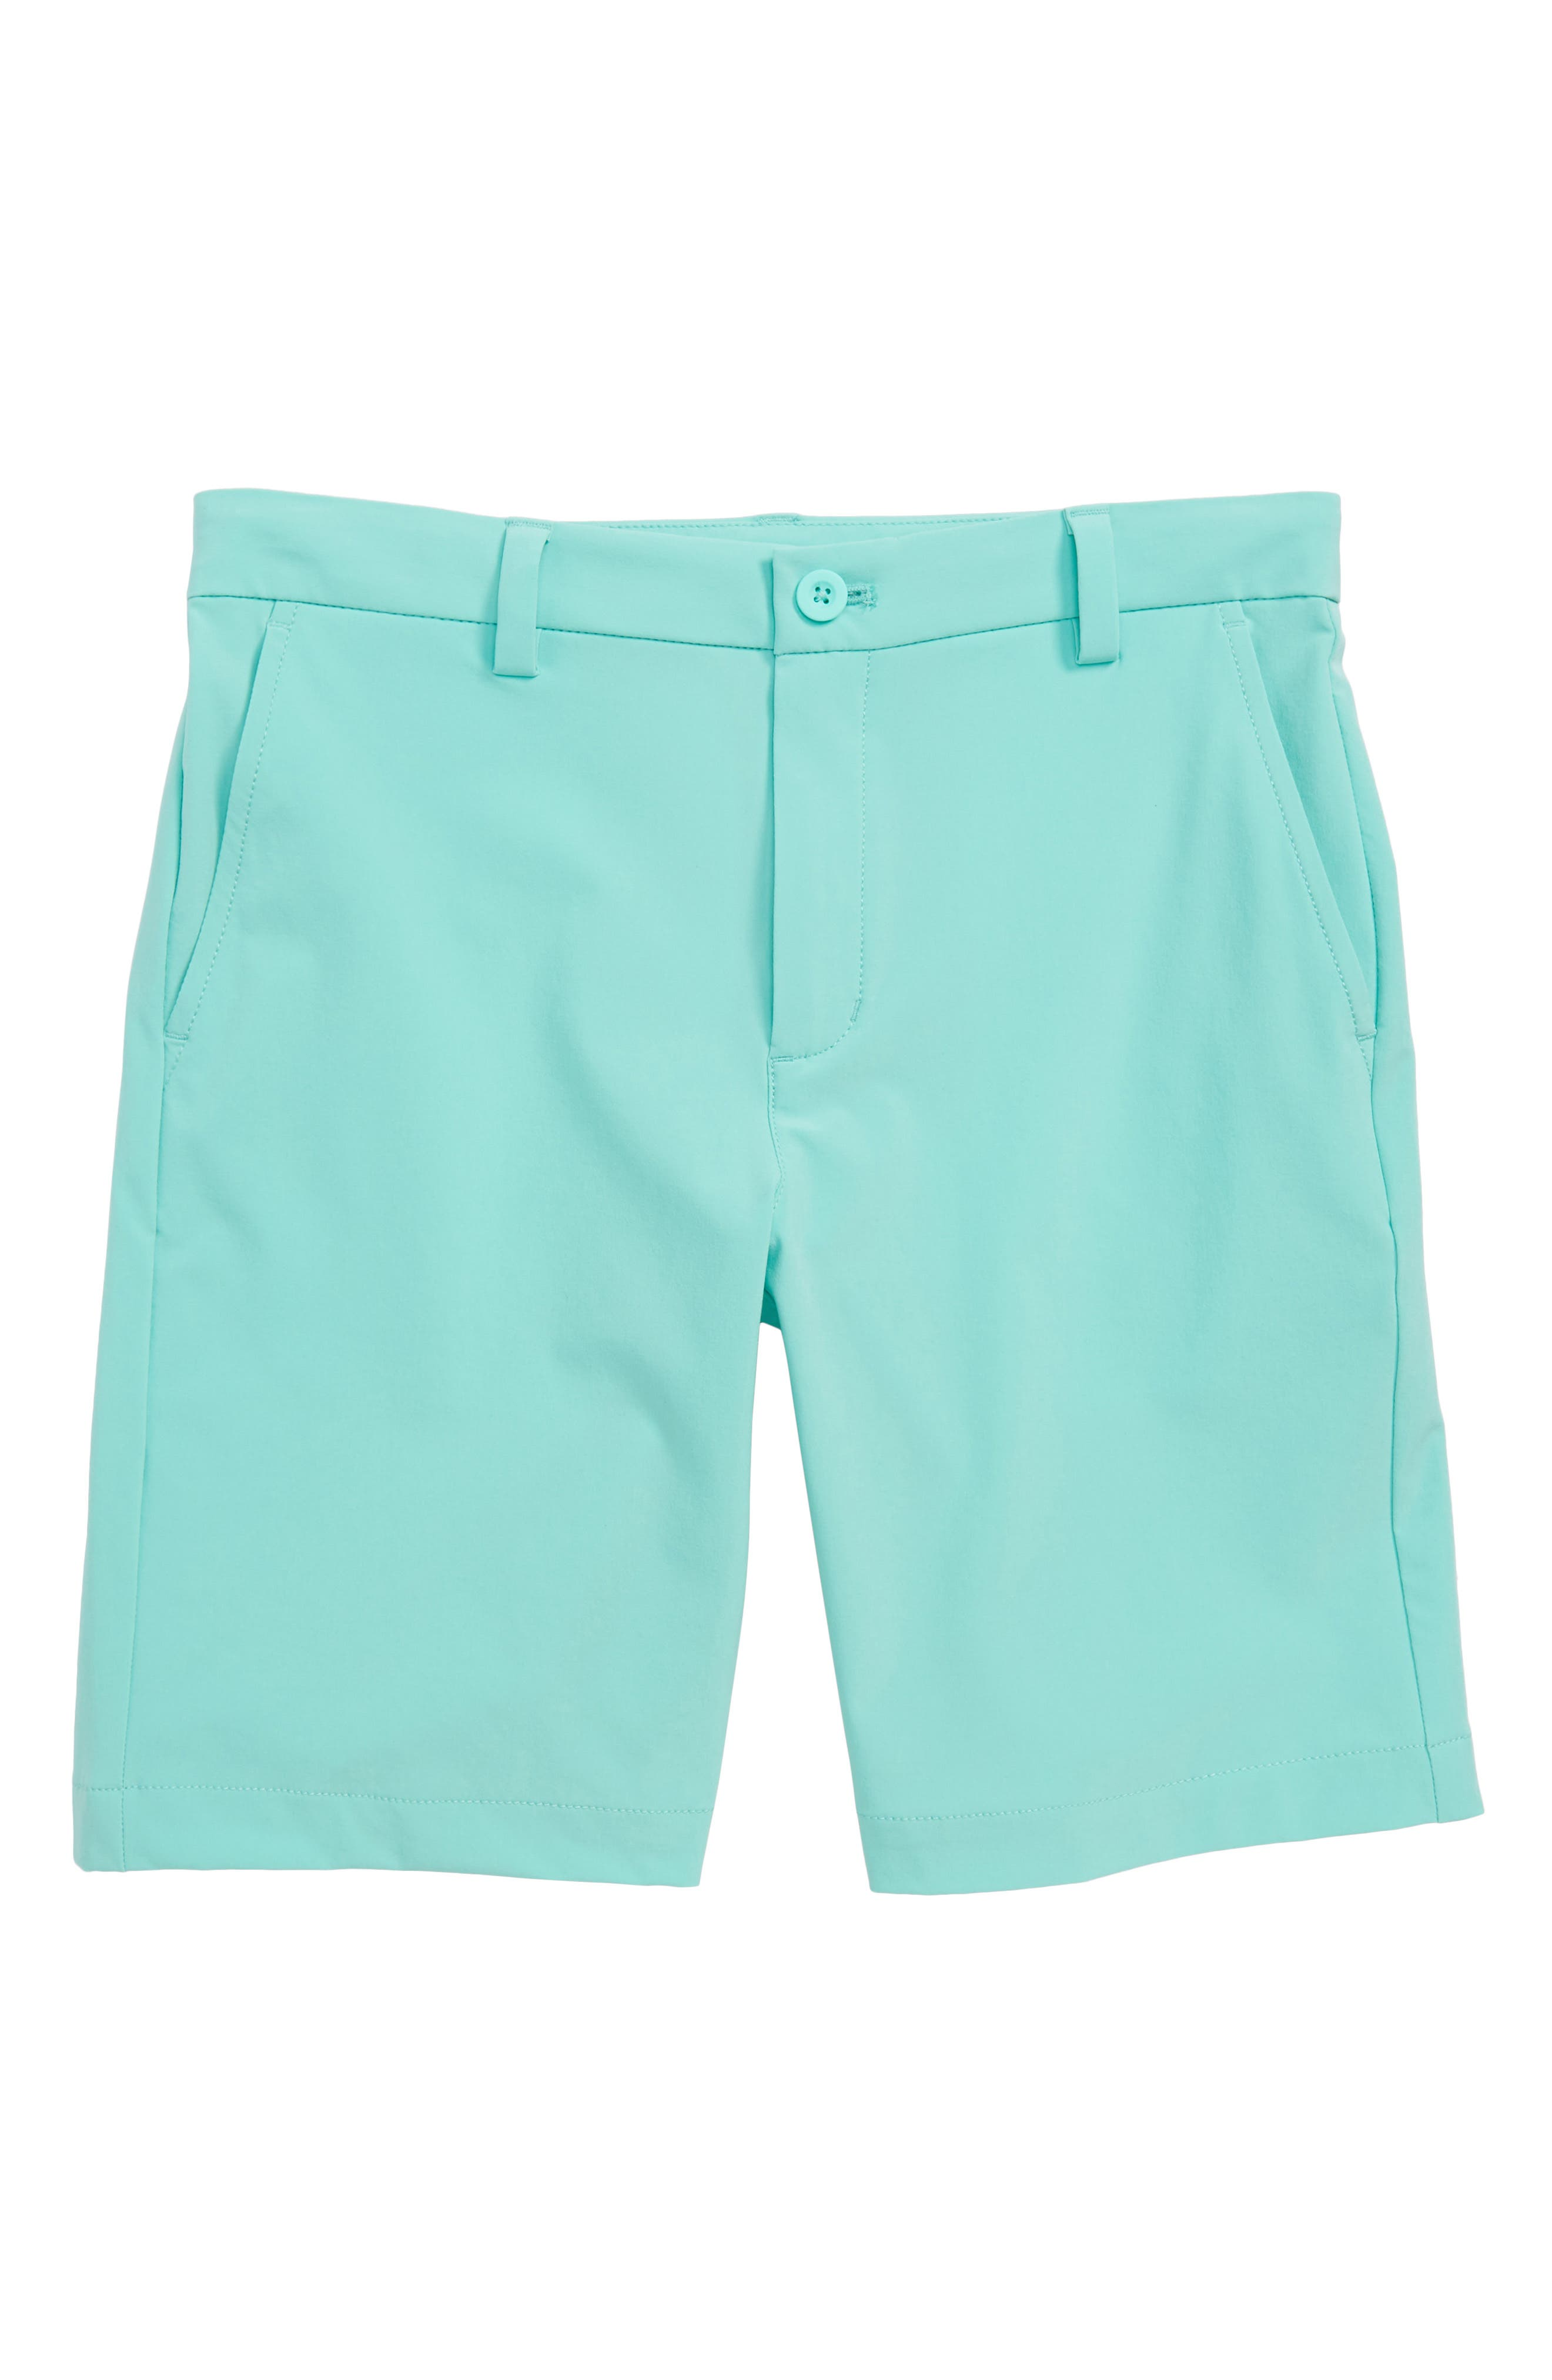 Performance Breaker Shorts,                             Main thumbnail 1, color,                             CAPRI BLUE